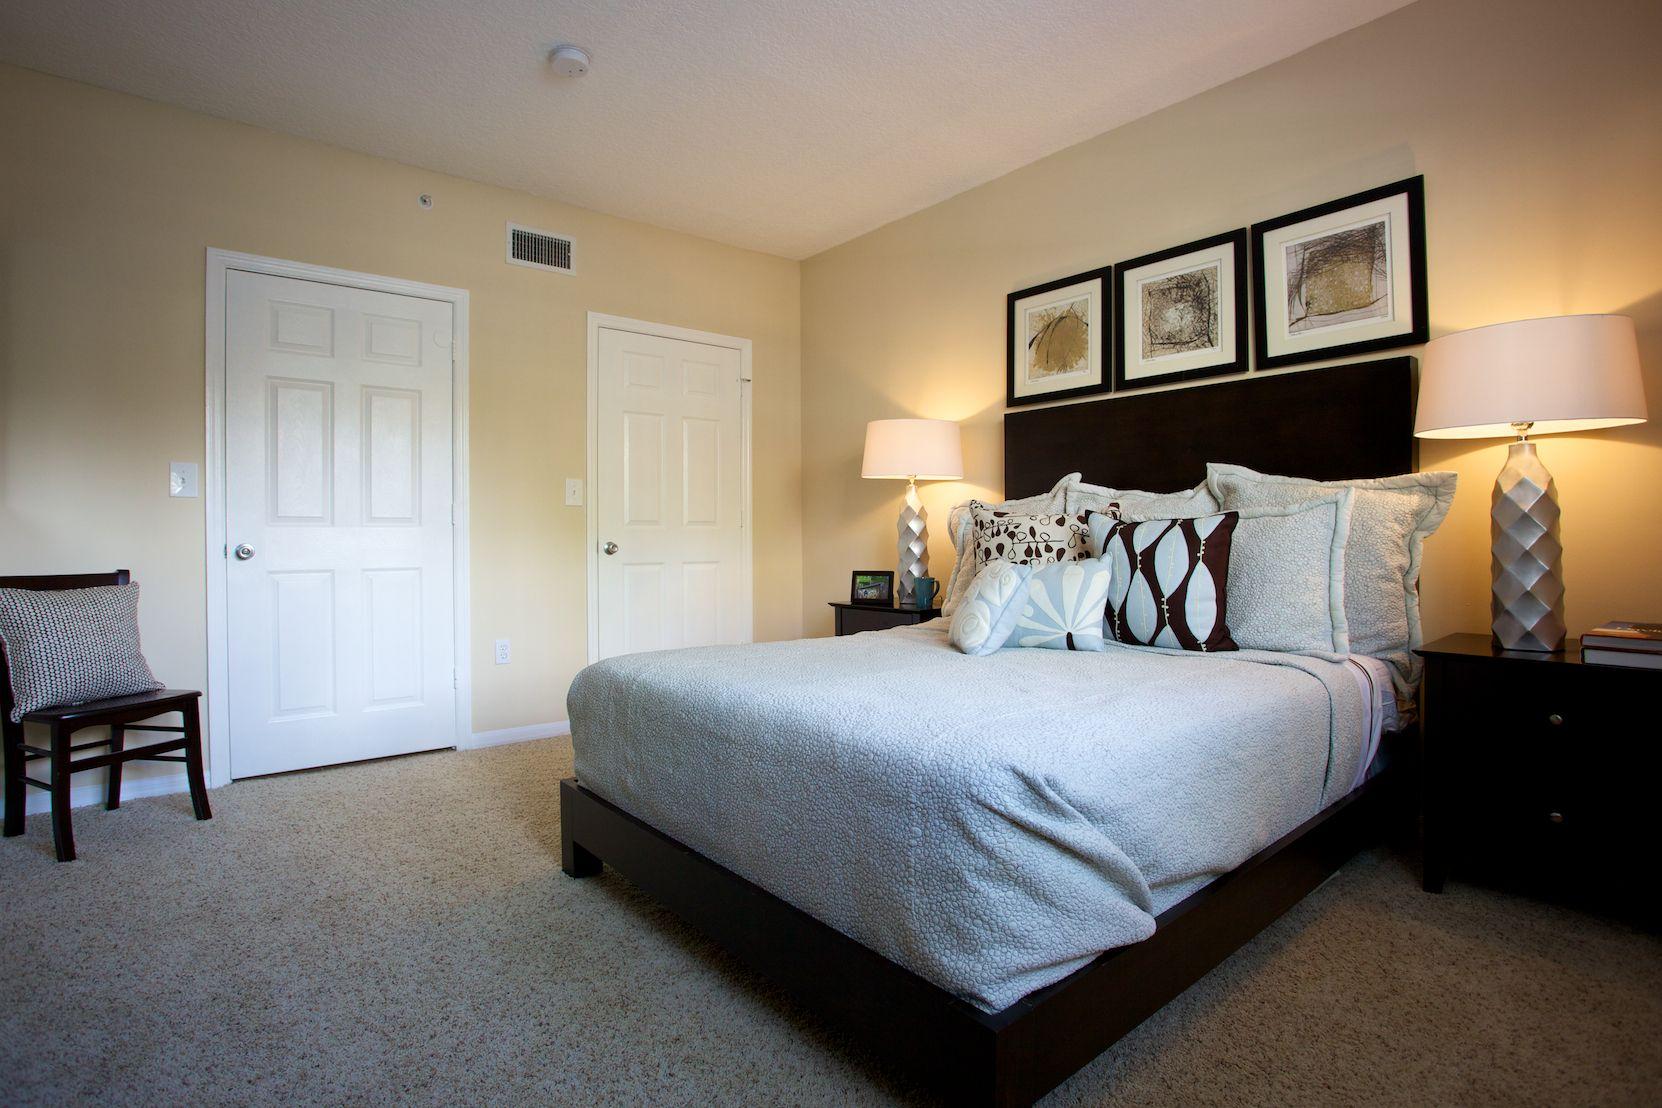 Apartamentos-en-Pembroke-Pines-19